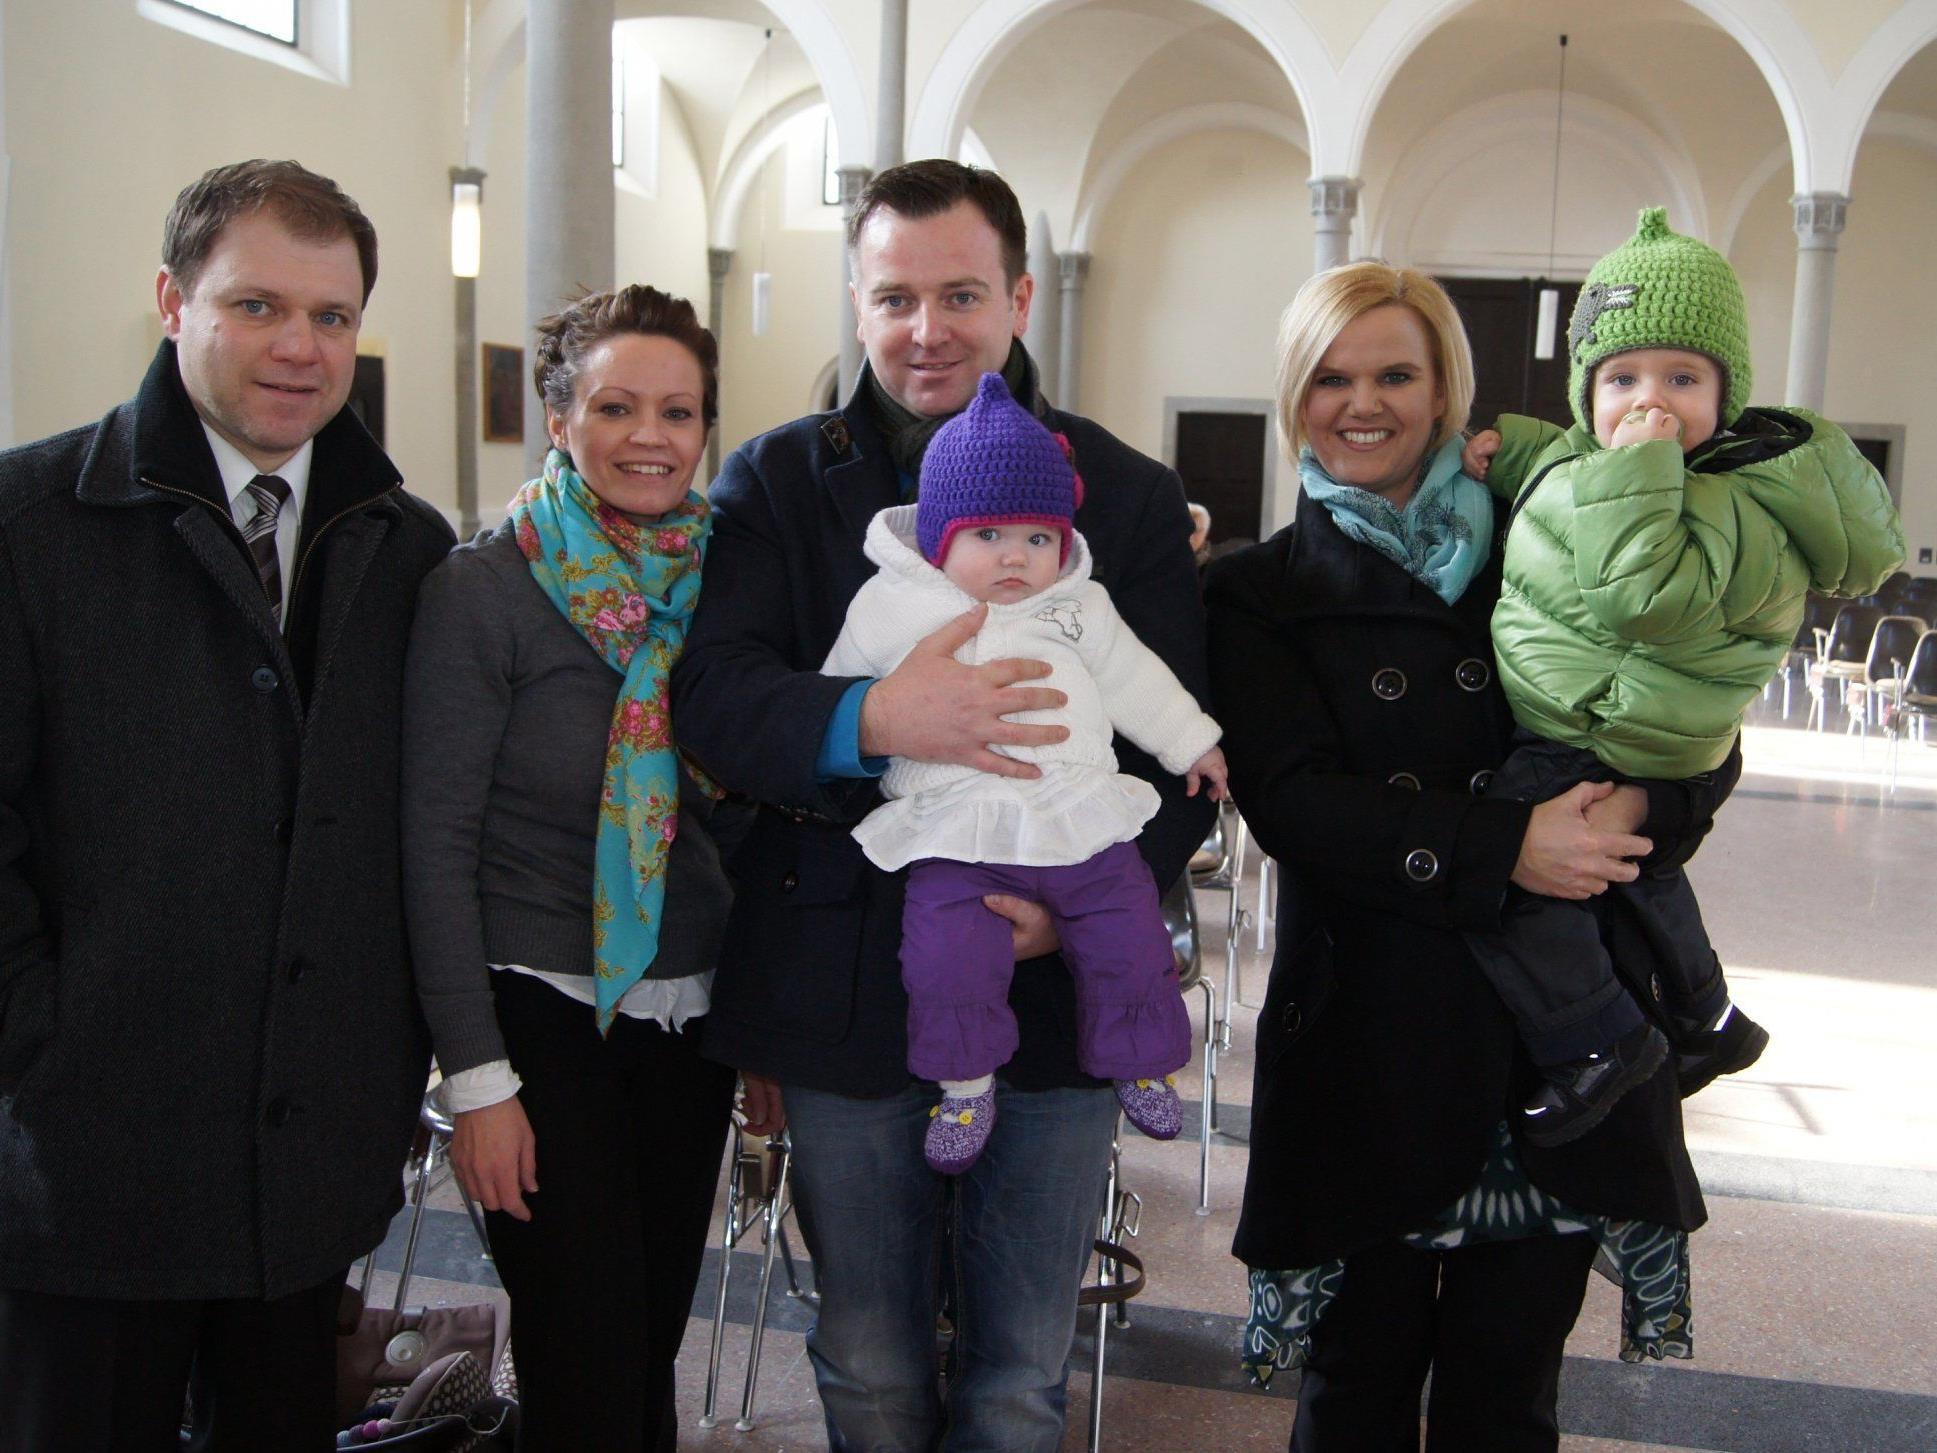 Taufe von Emma Margreth Rudigier in der Pfarrkirche Hard